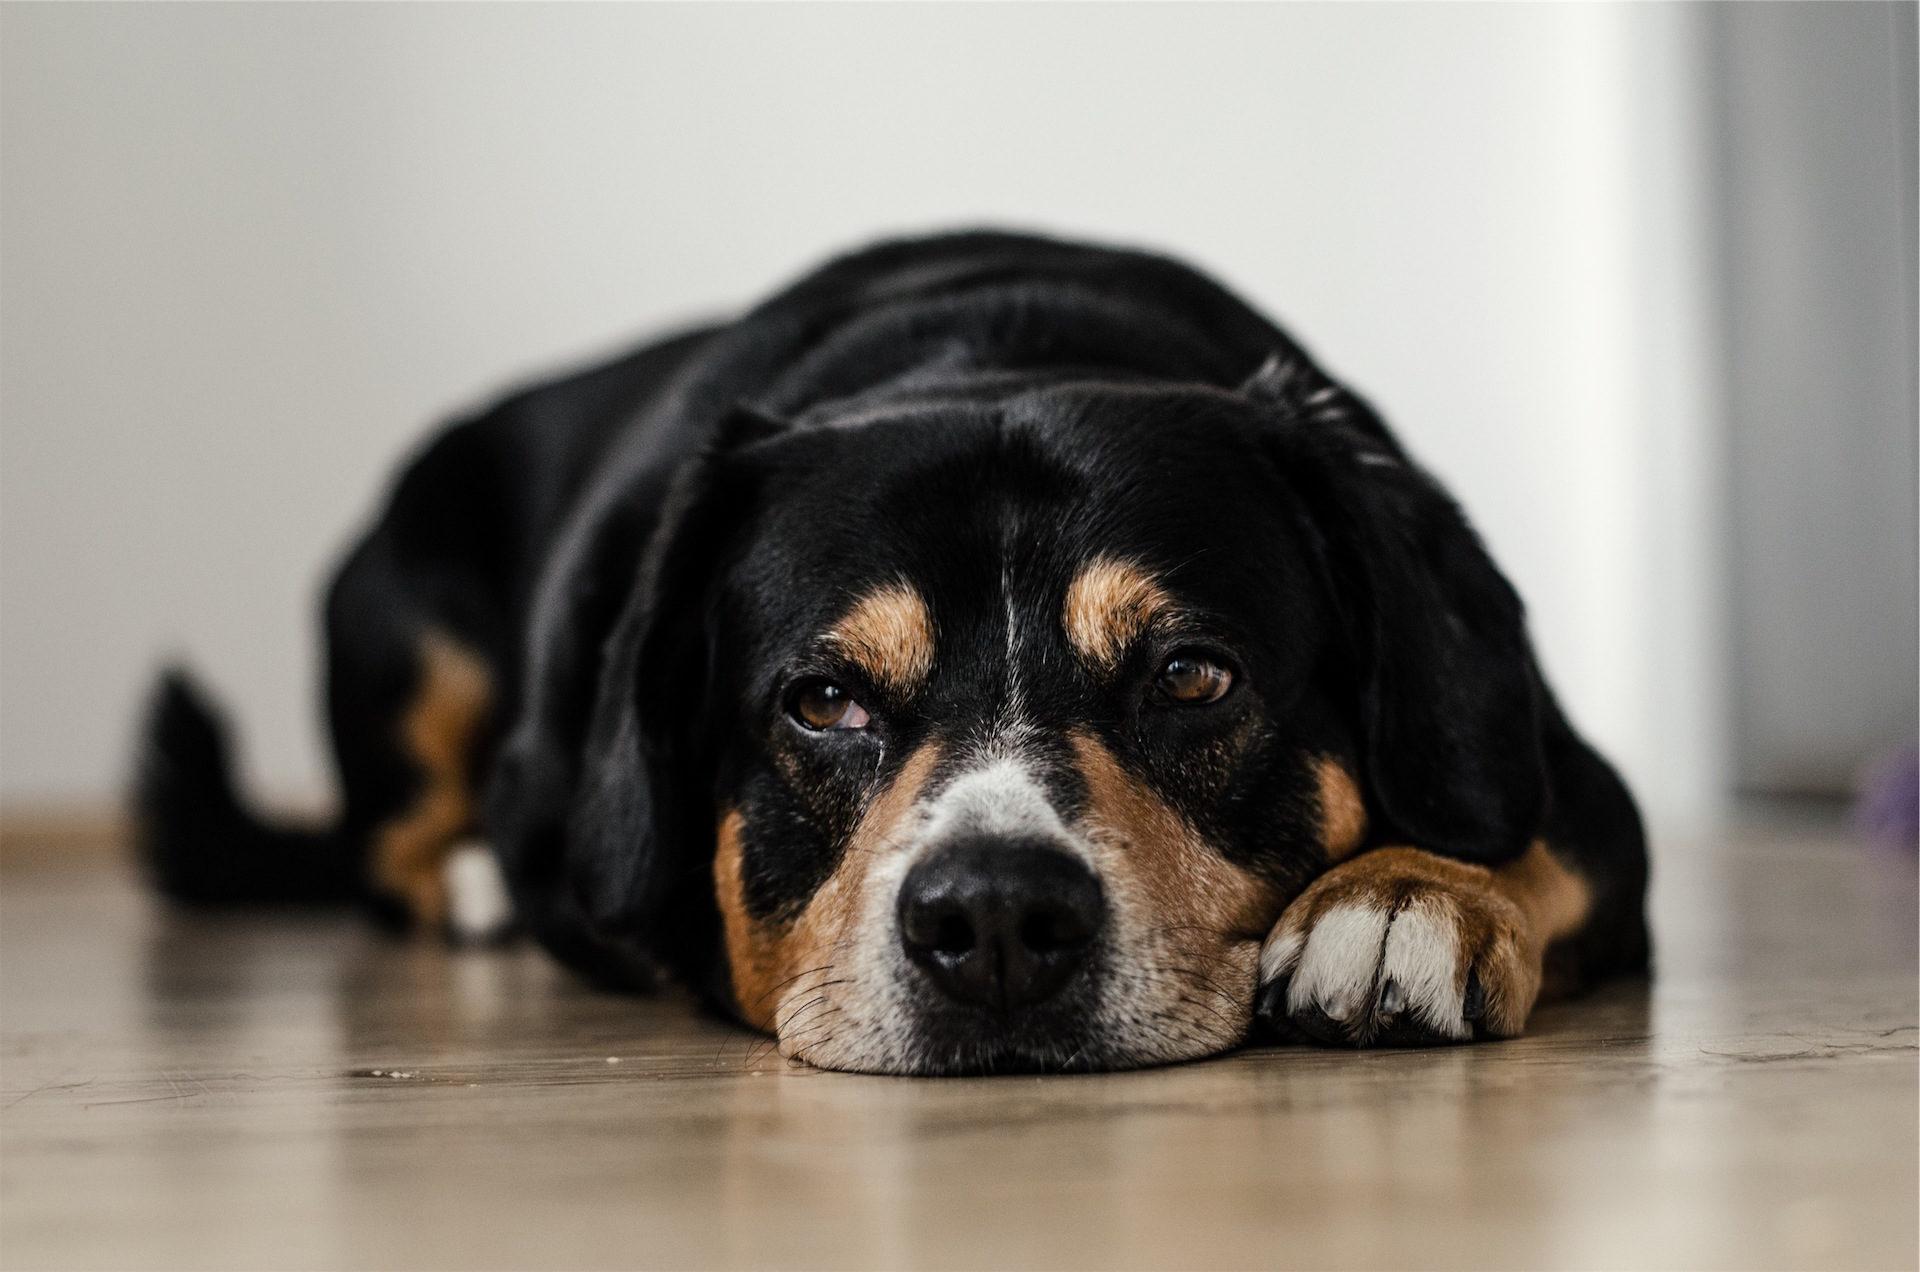 狗, 宠物, 放松, 看看, 宁静 - 高清壁纸 - 教授-falken.com